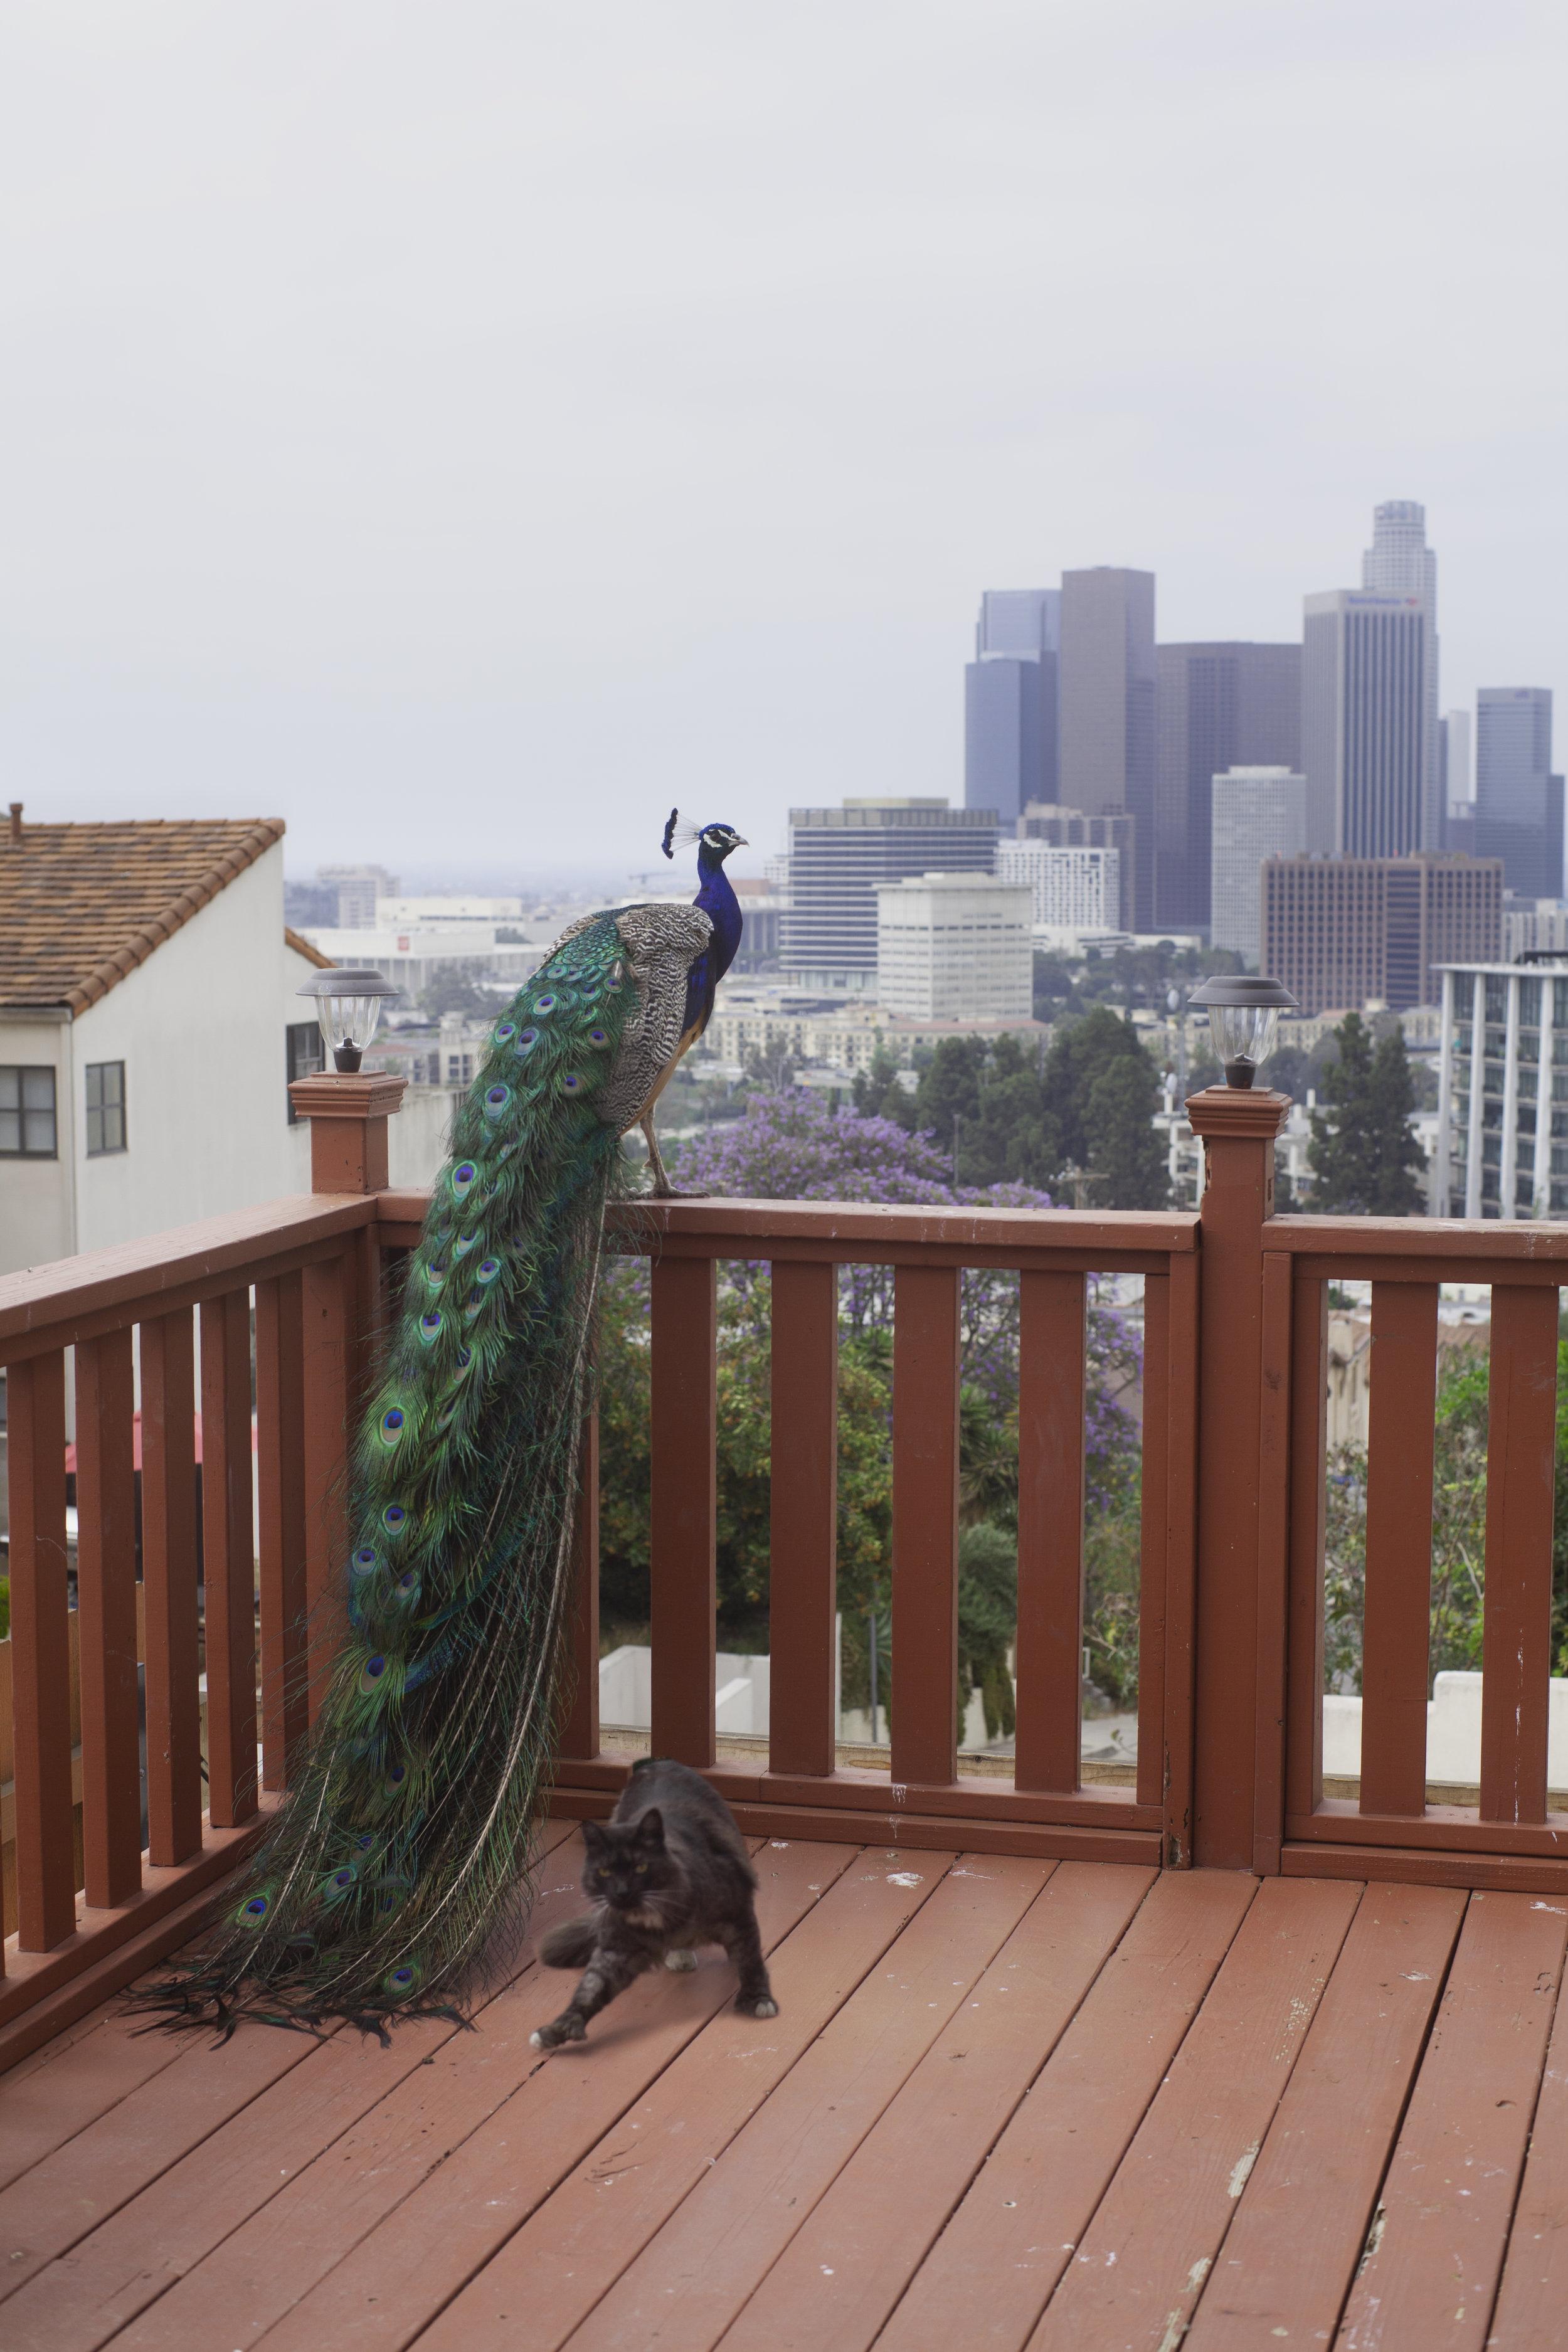 Peacock&Cat.JPG